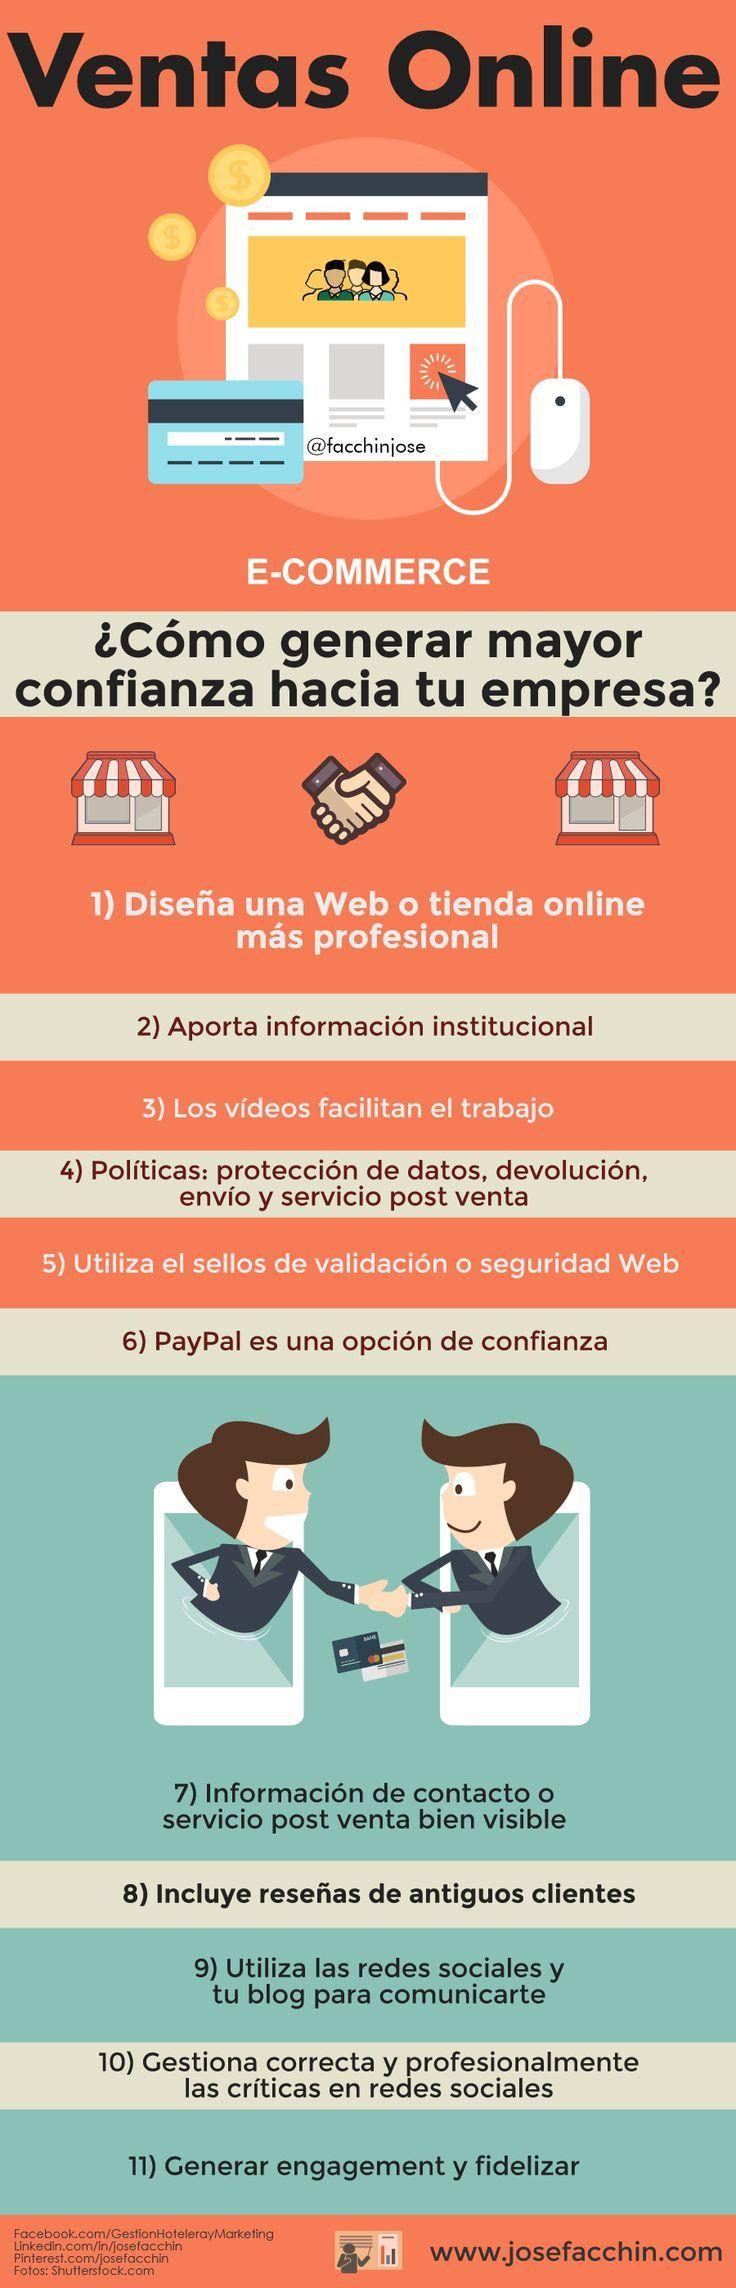 La confianza potencia las compras por Internet  Ideas Negocios Online para http://www.masymejor.com